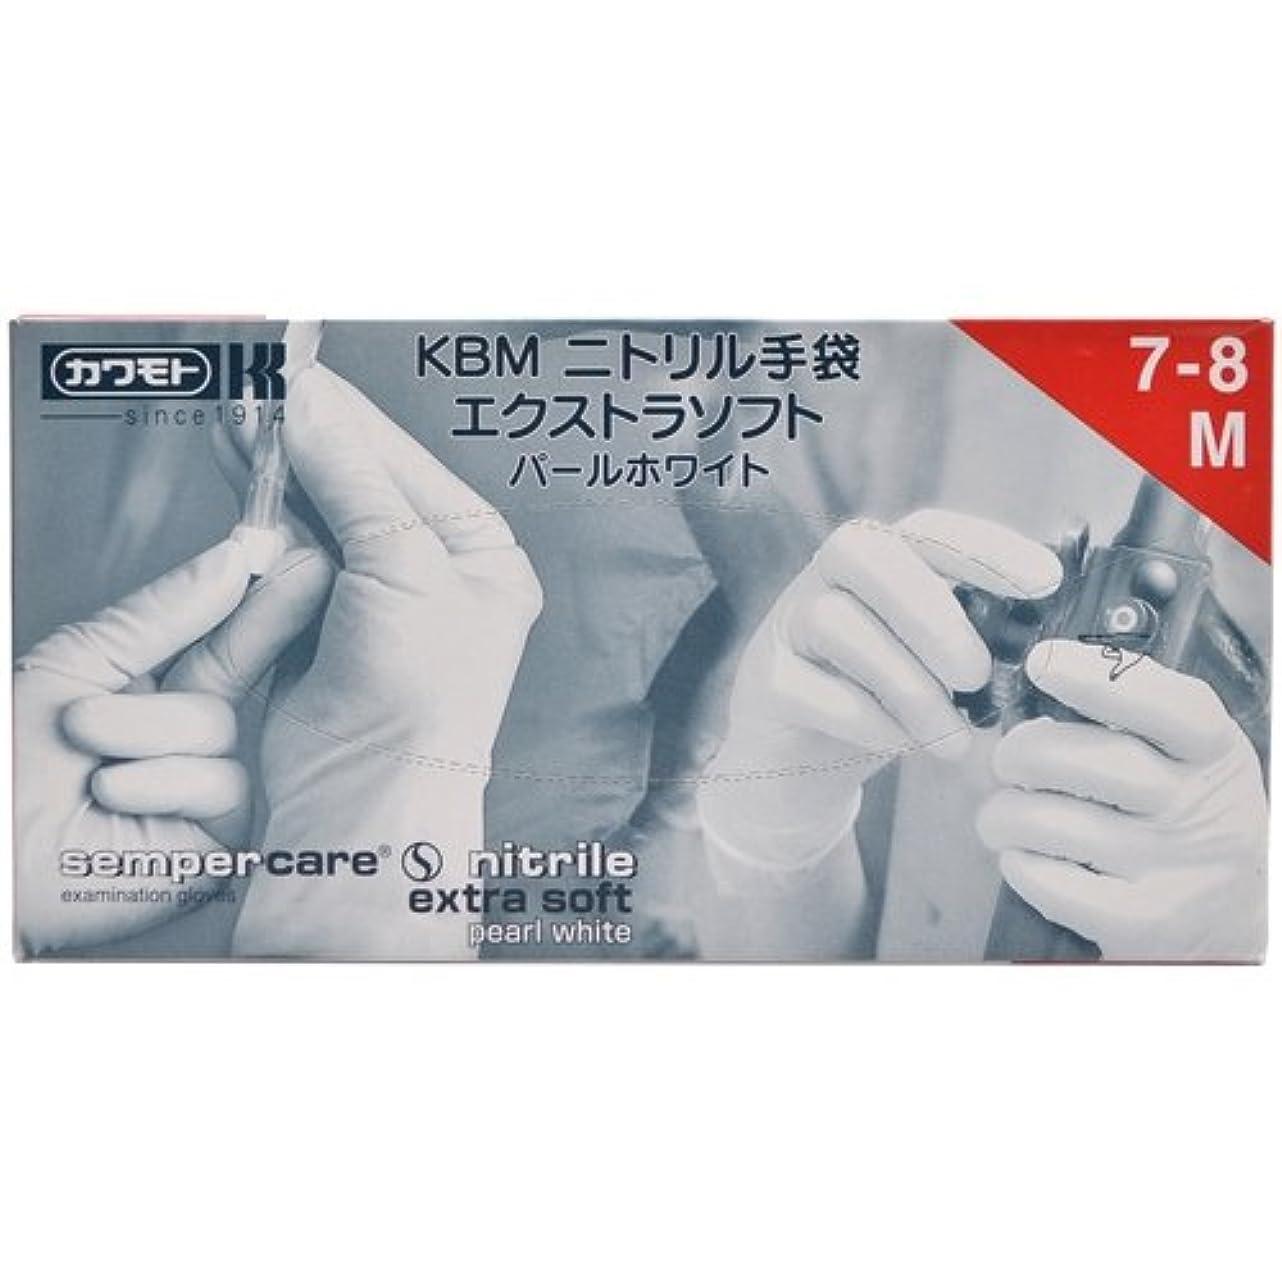 失効膜シャッフルKBMニトリル手袋 パールホワイト M 200枚入